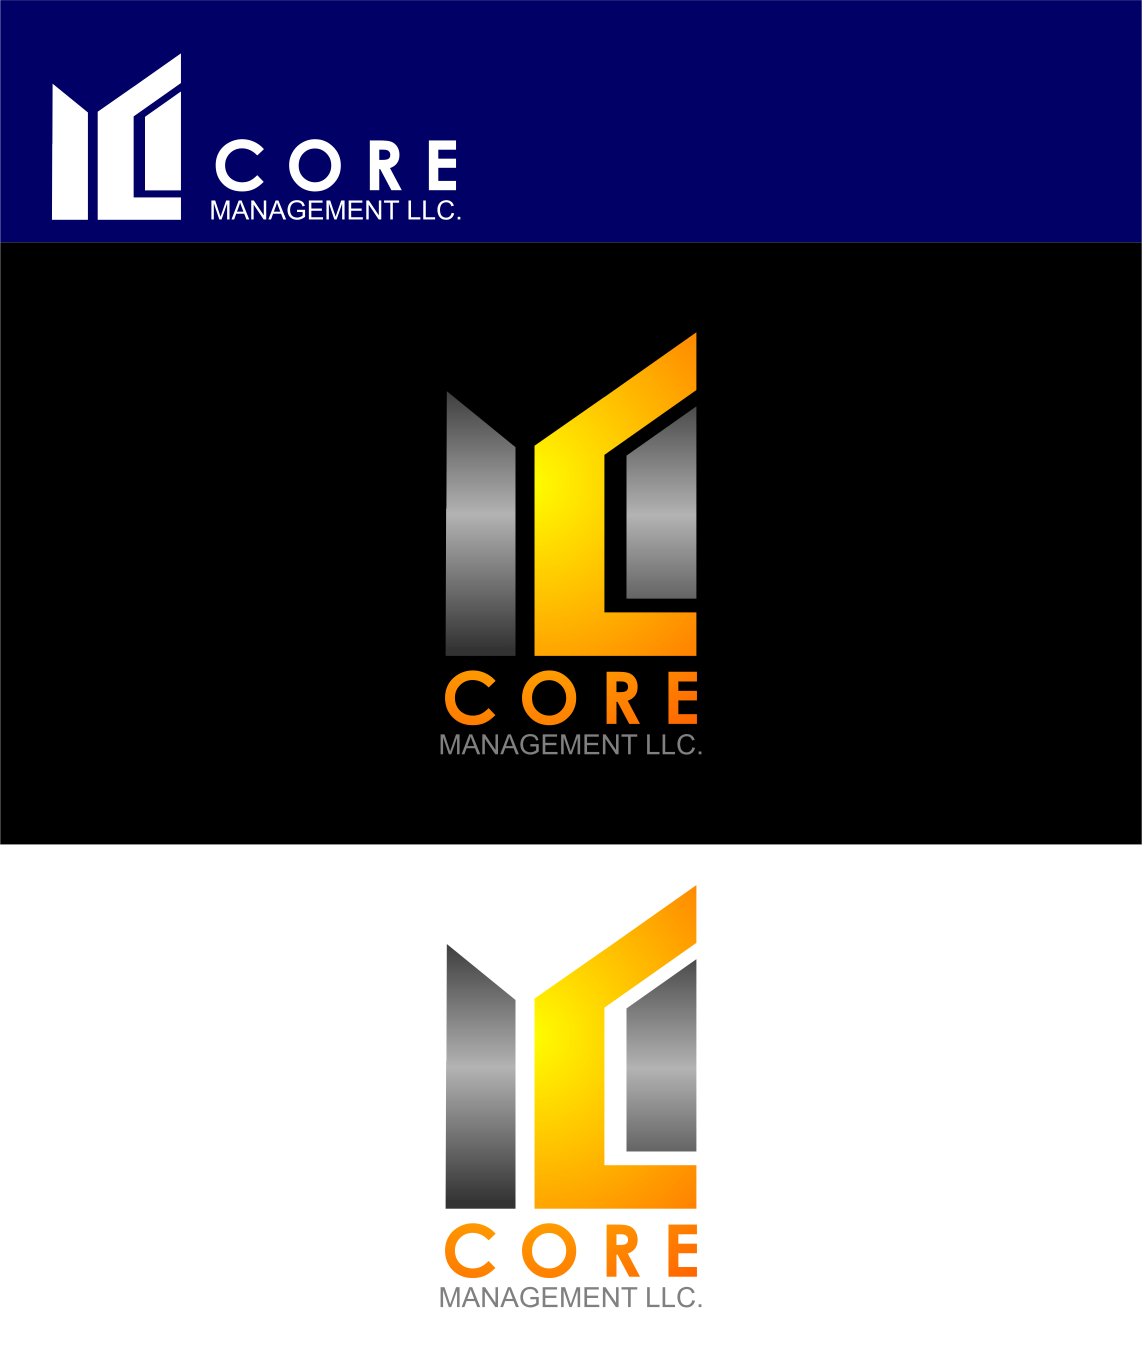 Logo Design by Agus Martoyo - Entry No. 199 in the Logo Design Contest Creative Logo Design for CORE Management, LLC.